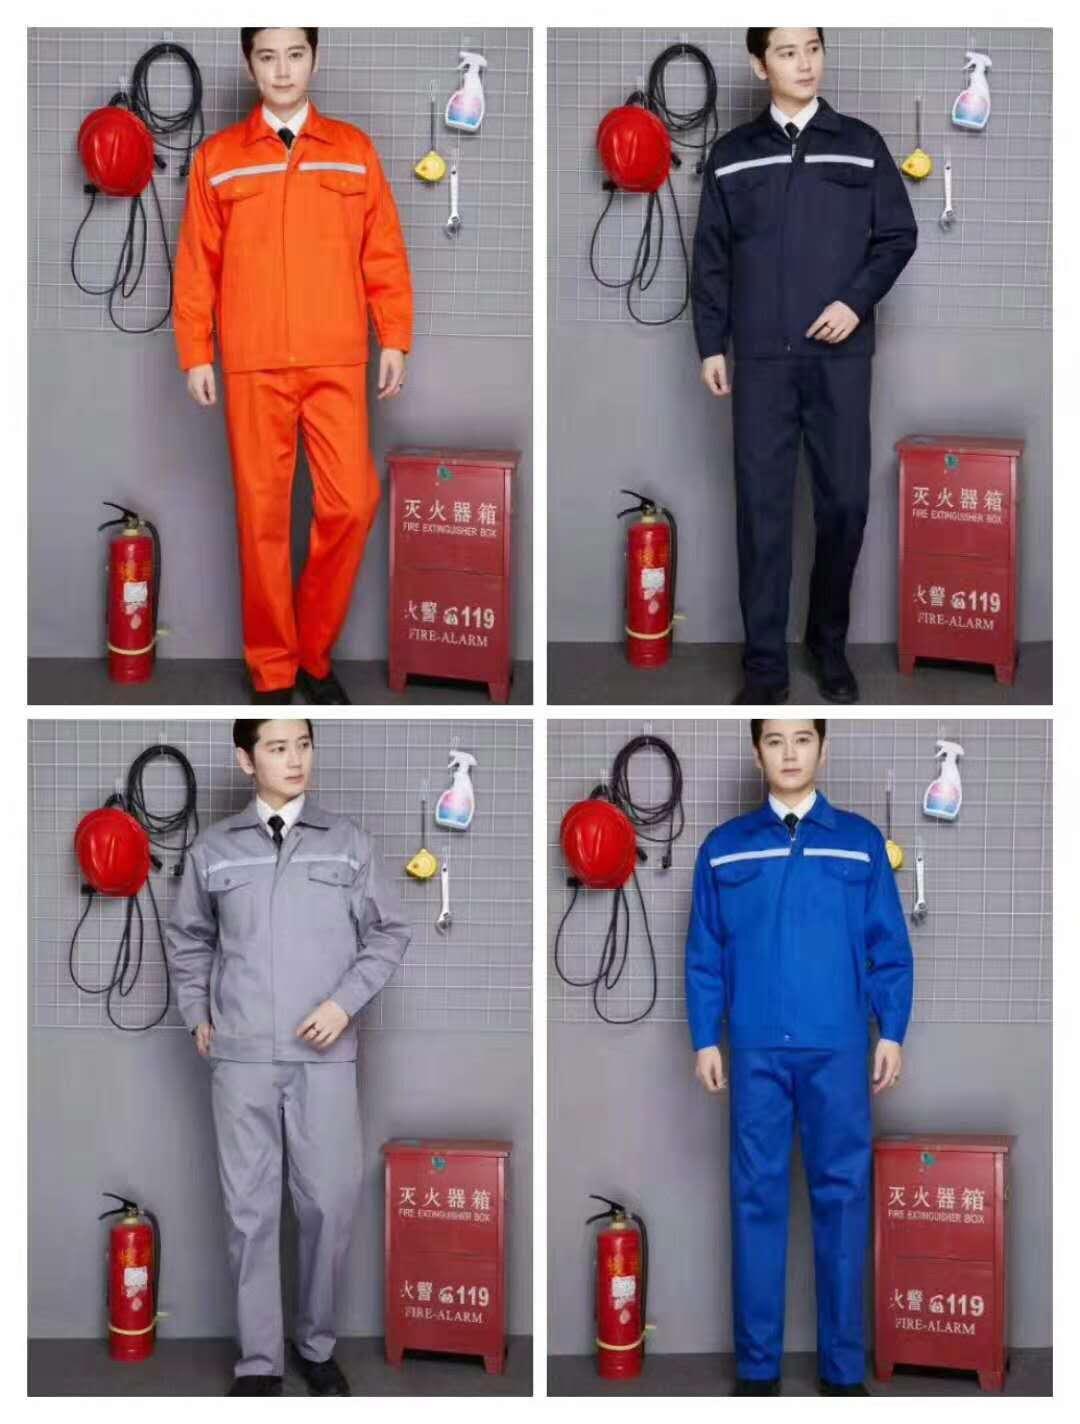 鄭州哪裏可以定製工作服